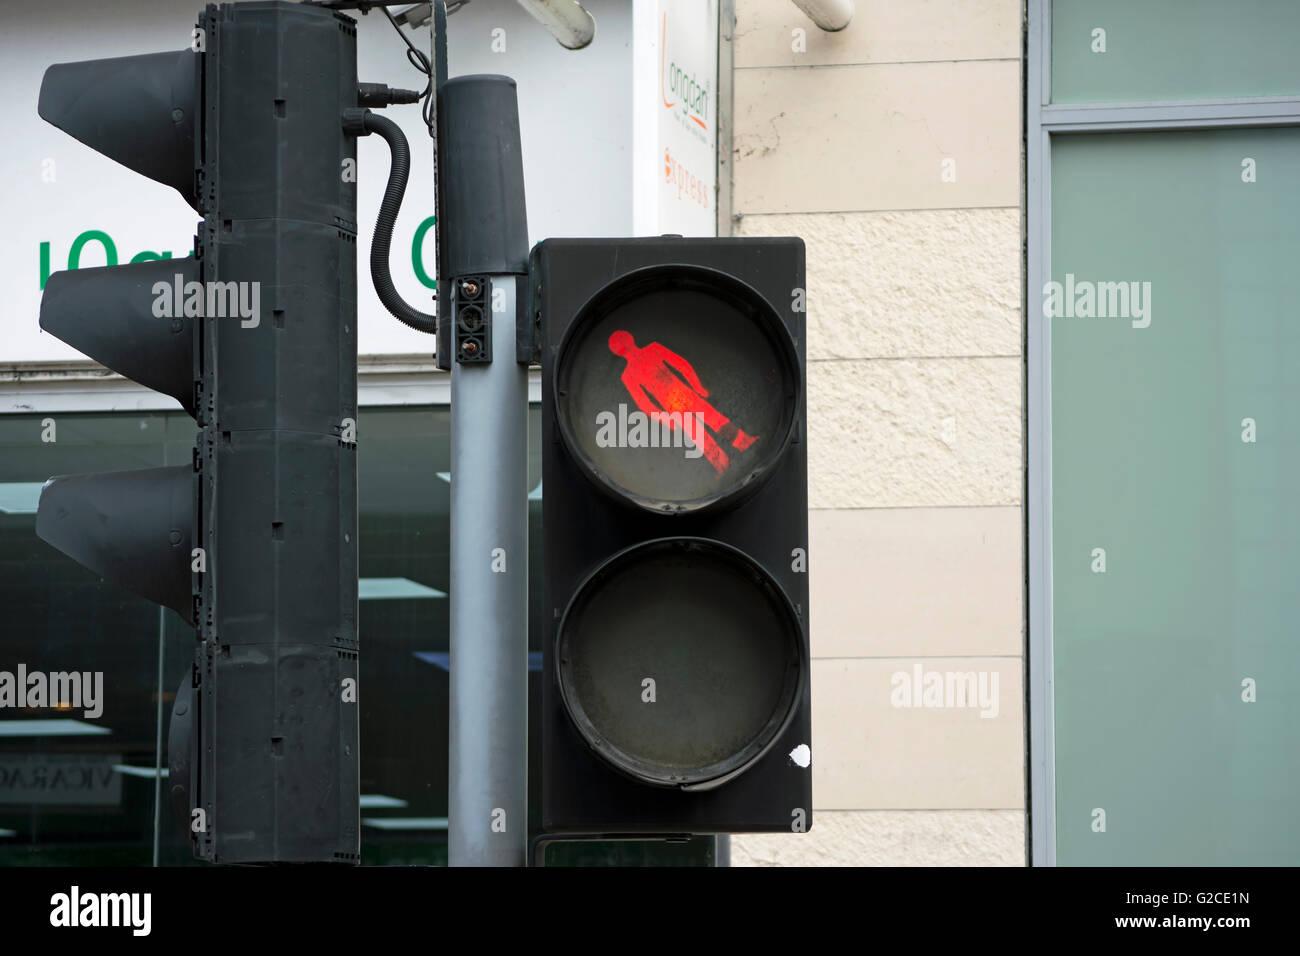 britische Pelican Crossing mit Piktogramm des roten Mannes an ungewöhnlichen Blickwinkel, Kingston nach Themse, Stockbild